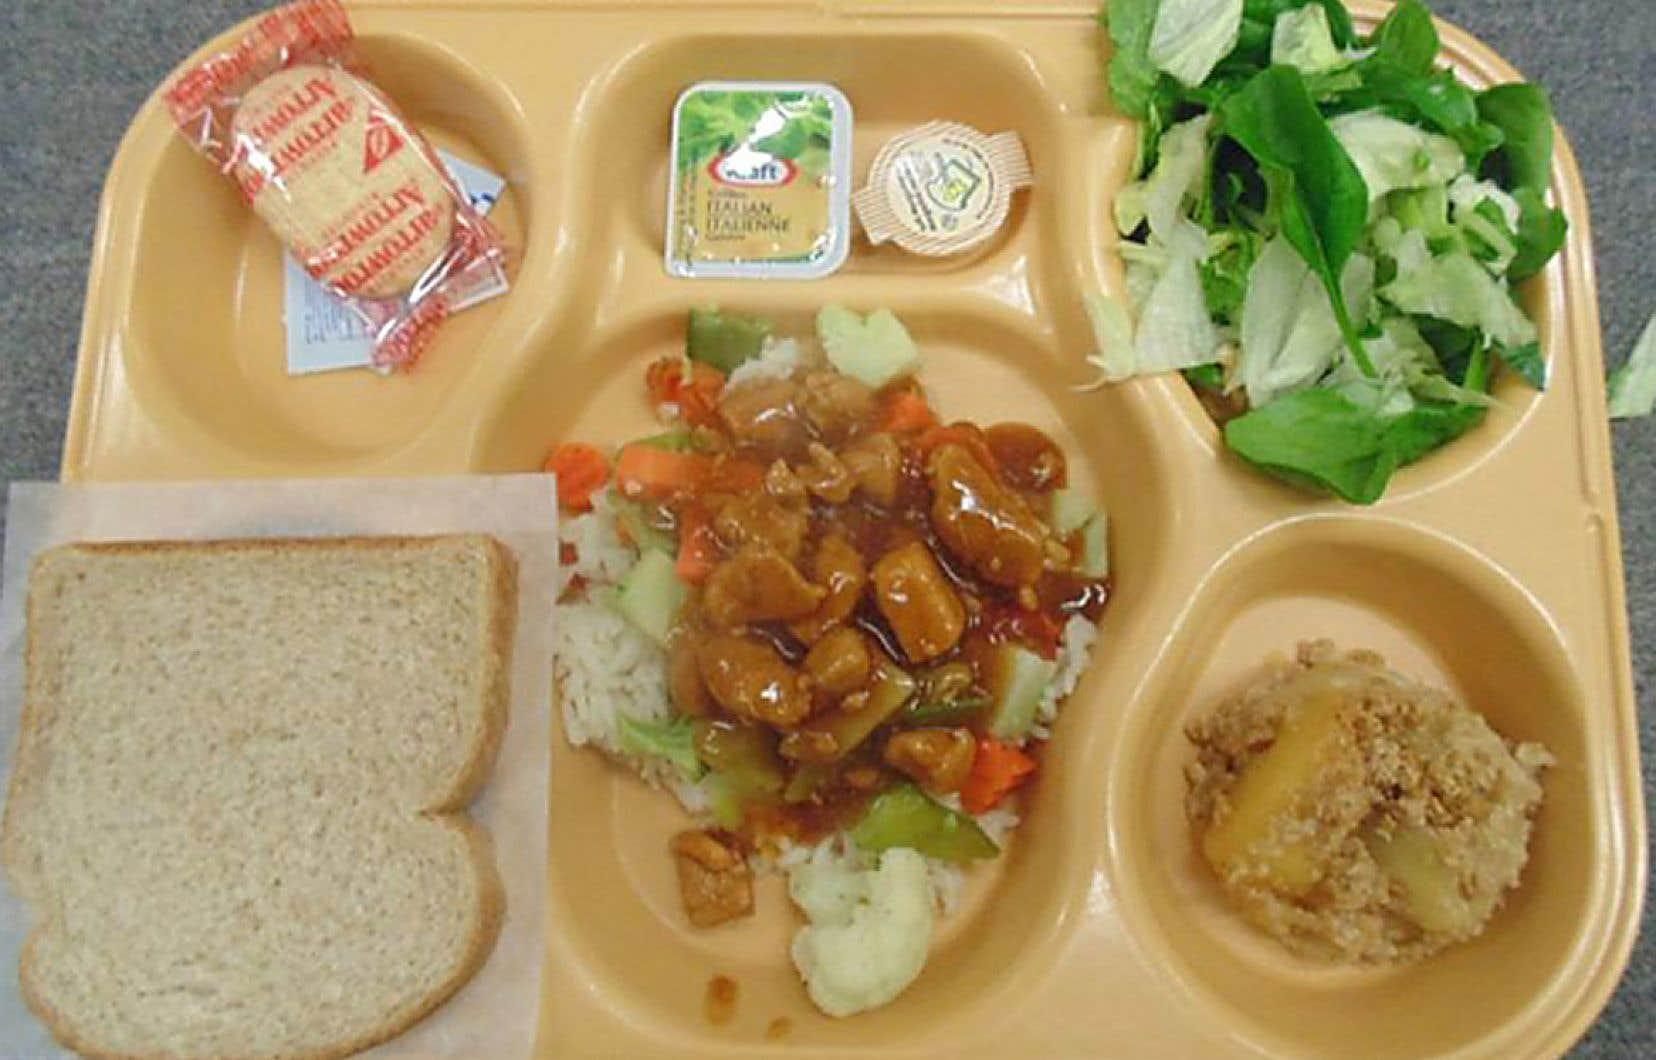 «Le fait de jouer avec la nourriture de personnes affamées et frustrées peut avoir des conséquences néfastes involontaires », écrit l'enquêteur correctionnel Ivan Zinger.